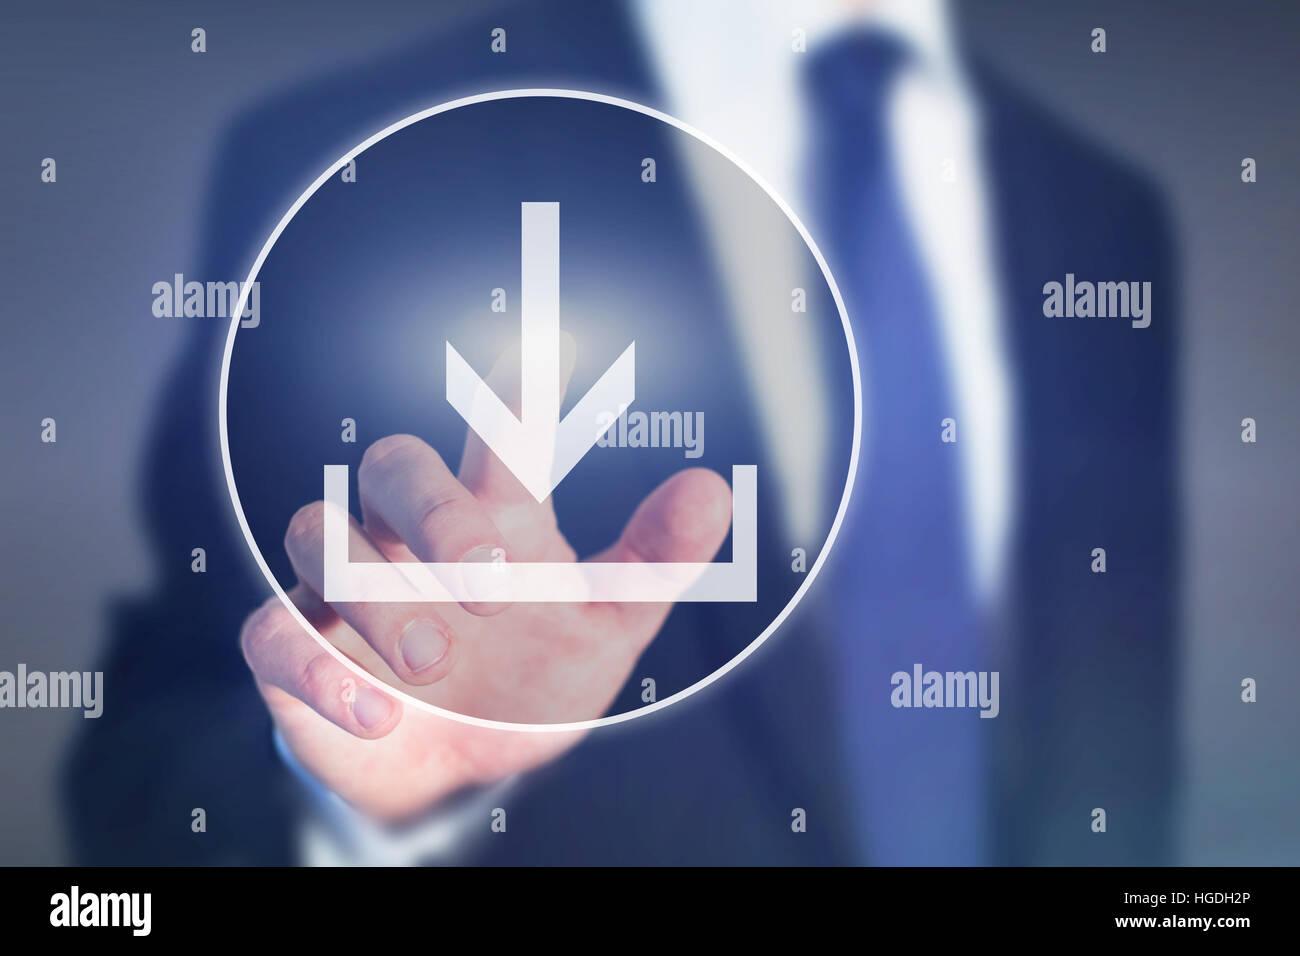 Botón de descarga en la pantalla táctil, el concepto de carga, transferencia de datos Imagen De Stock